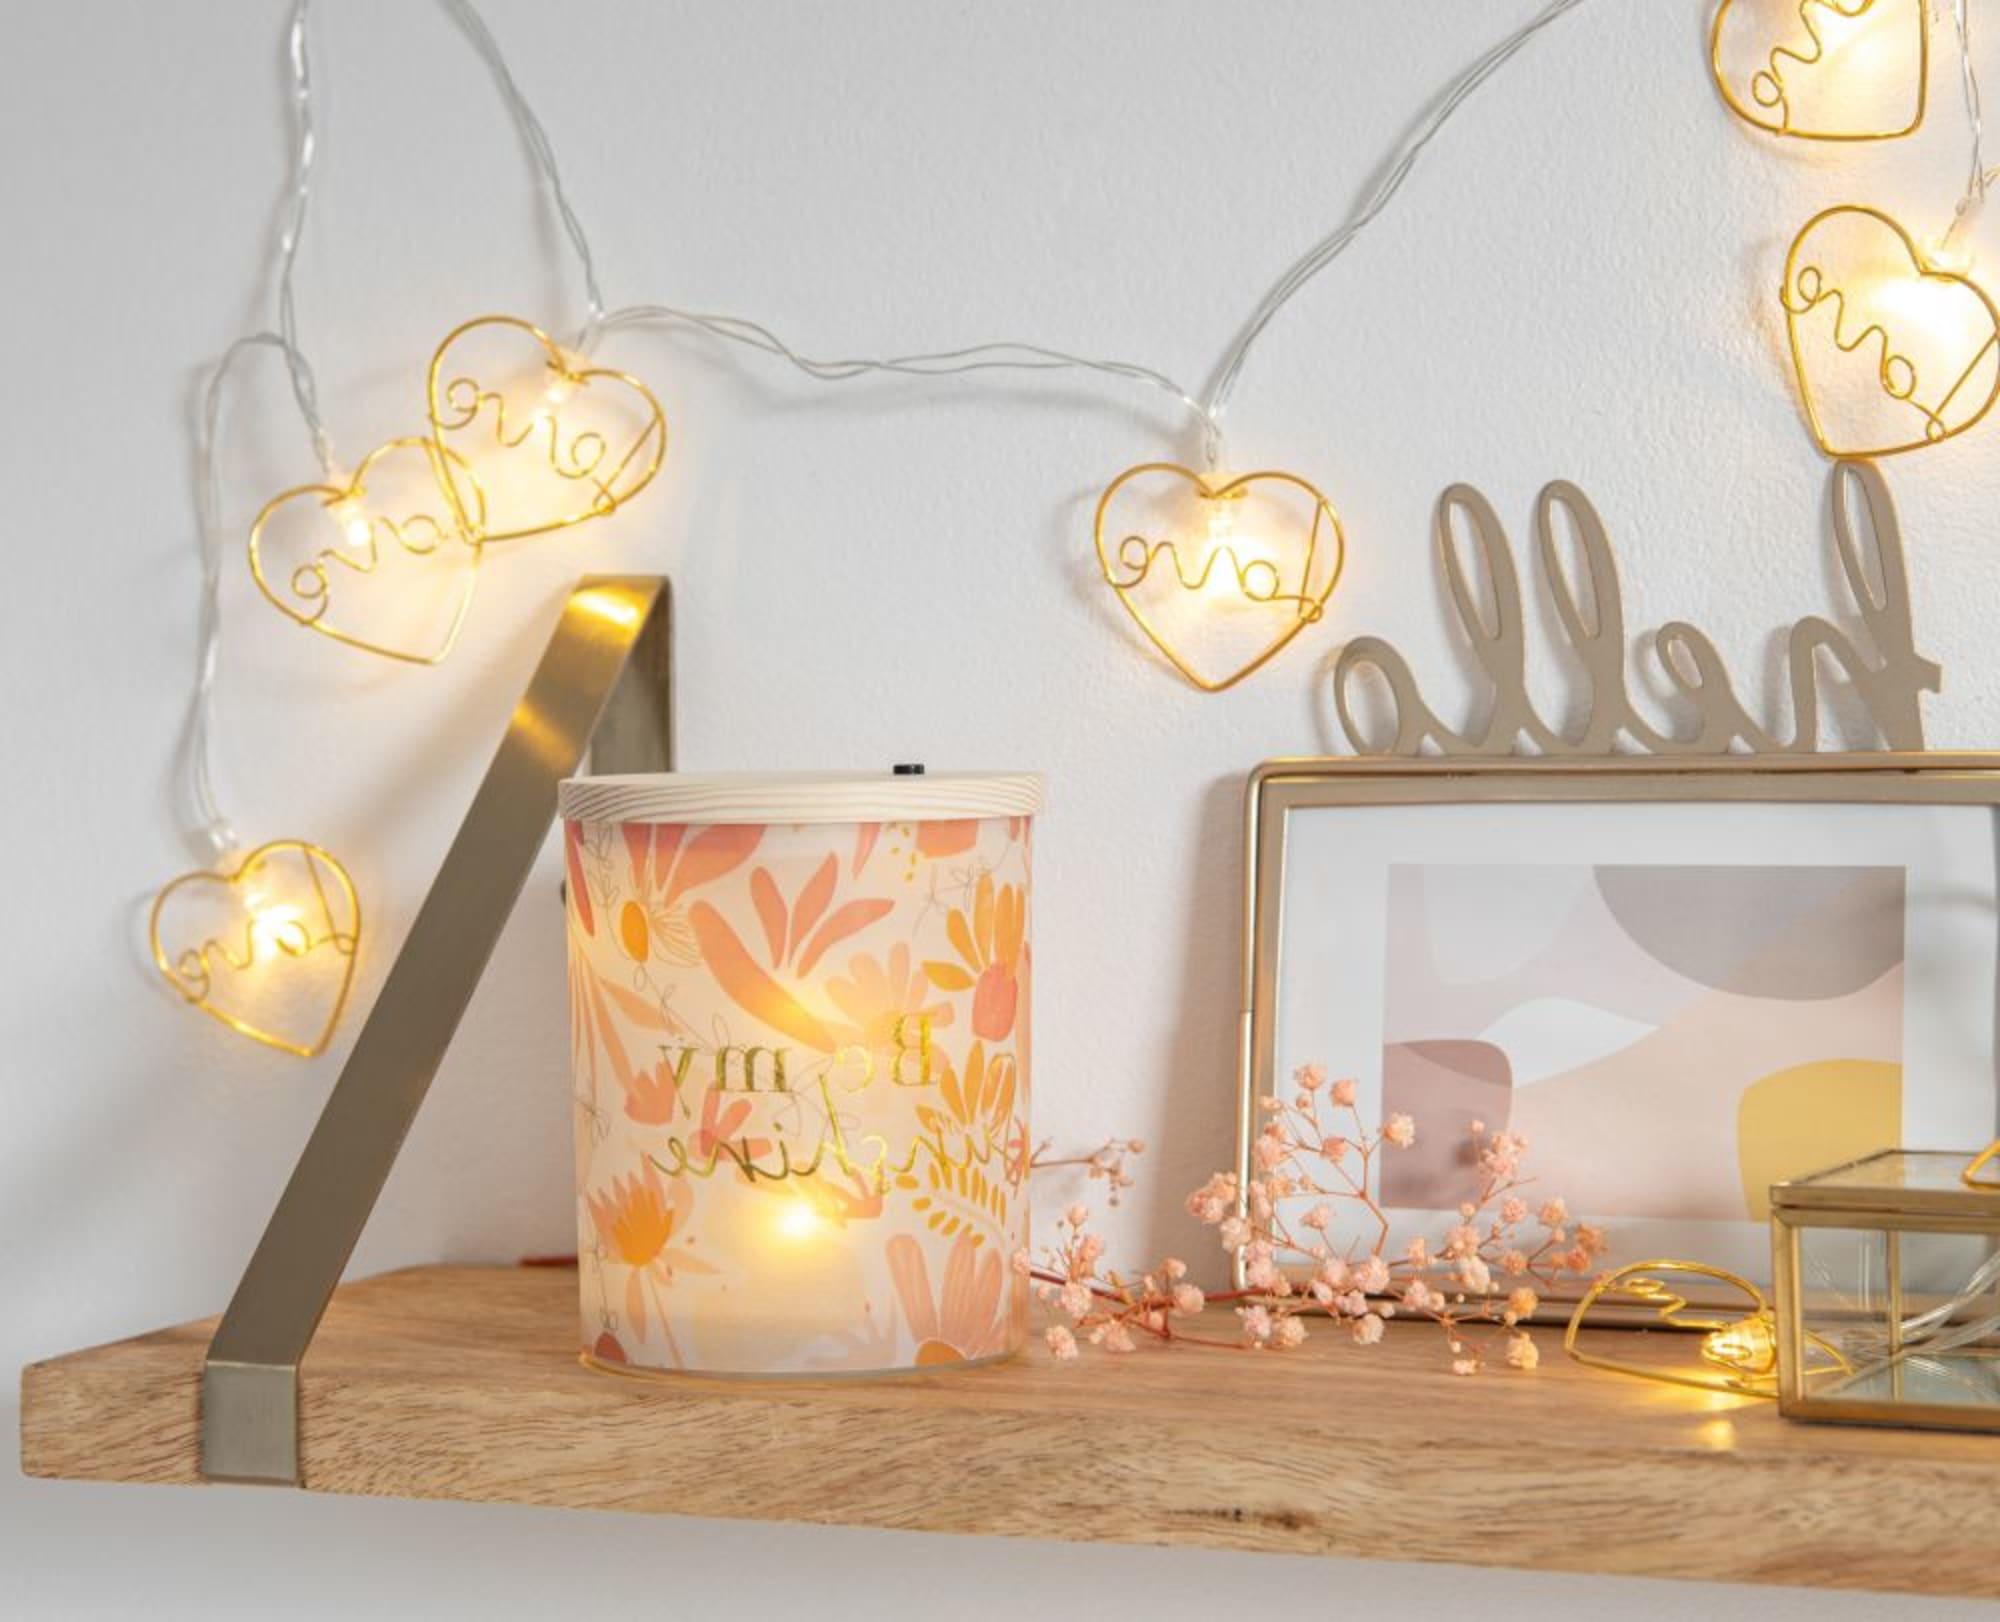 Luminaire Maison du monde - Guirlande lumineuse 10 LED cœurs dorés L165